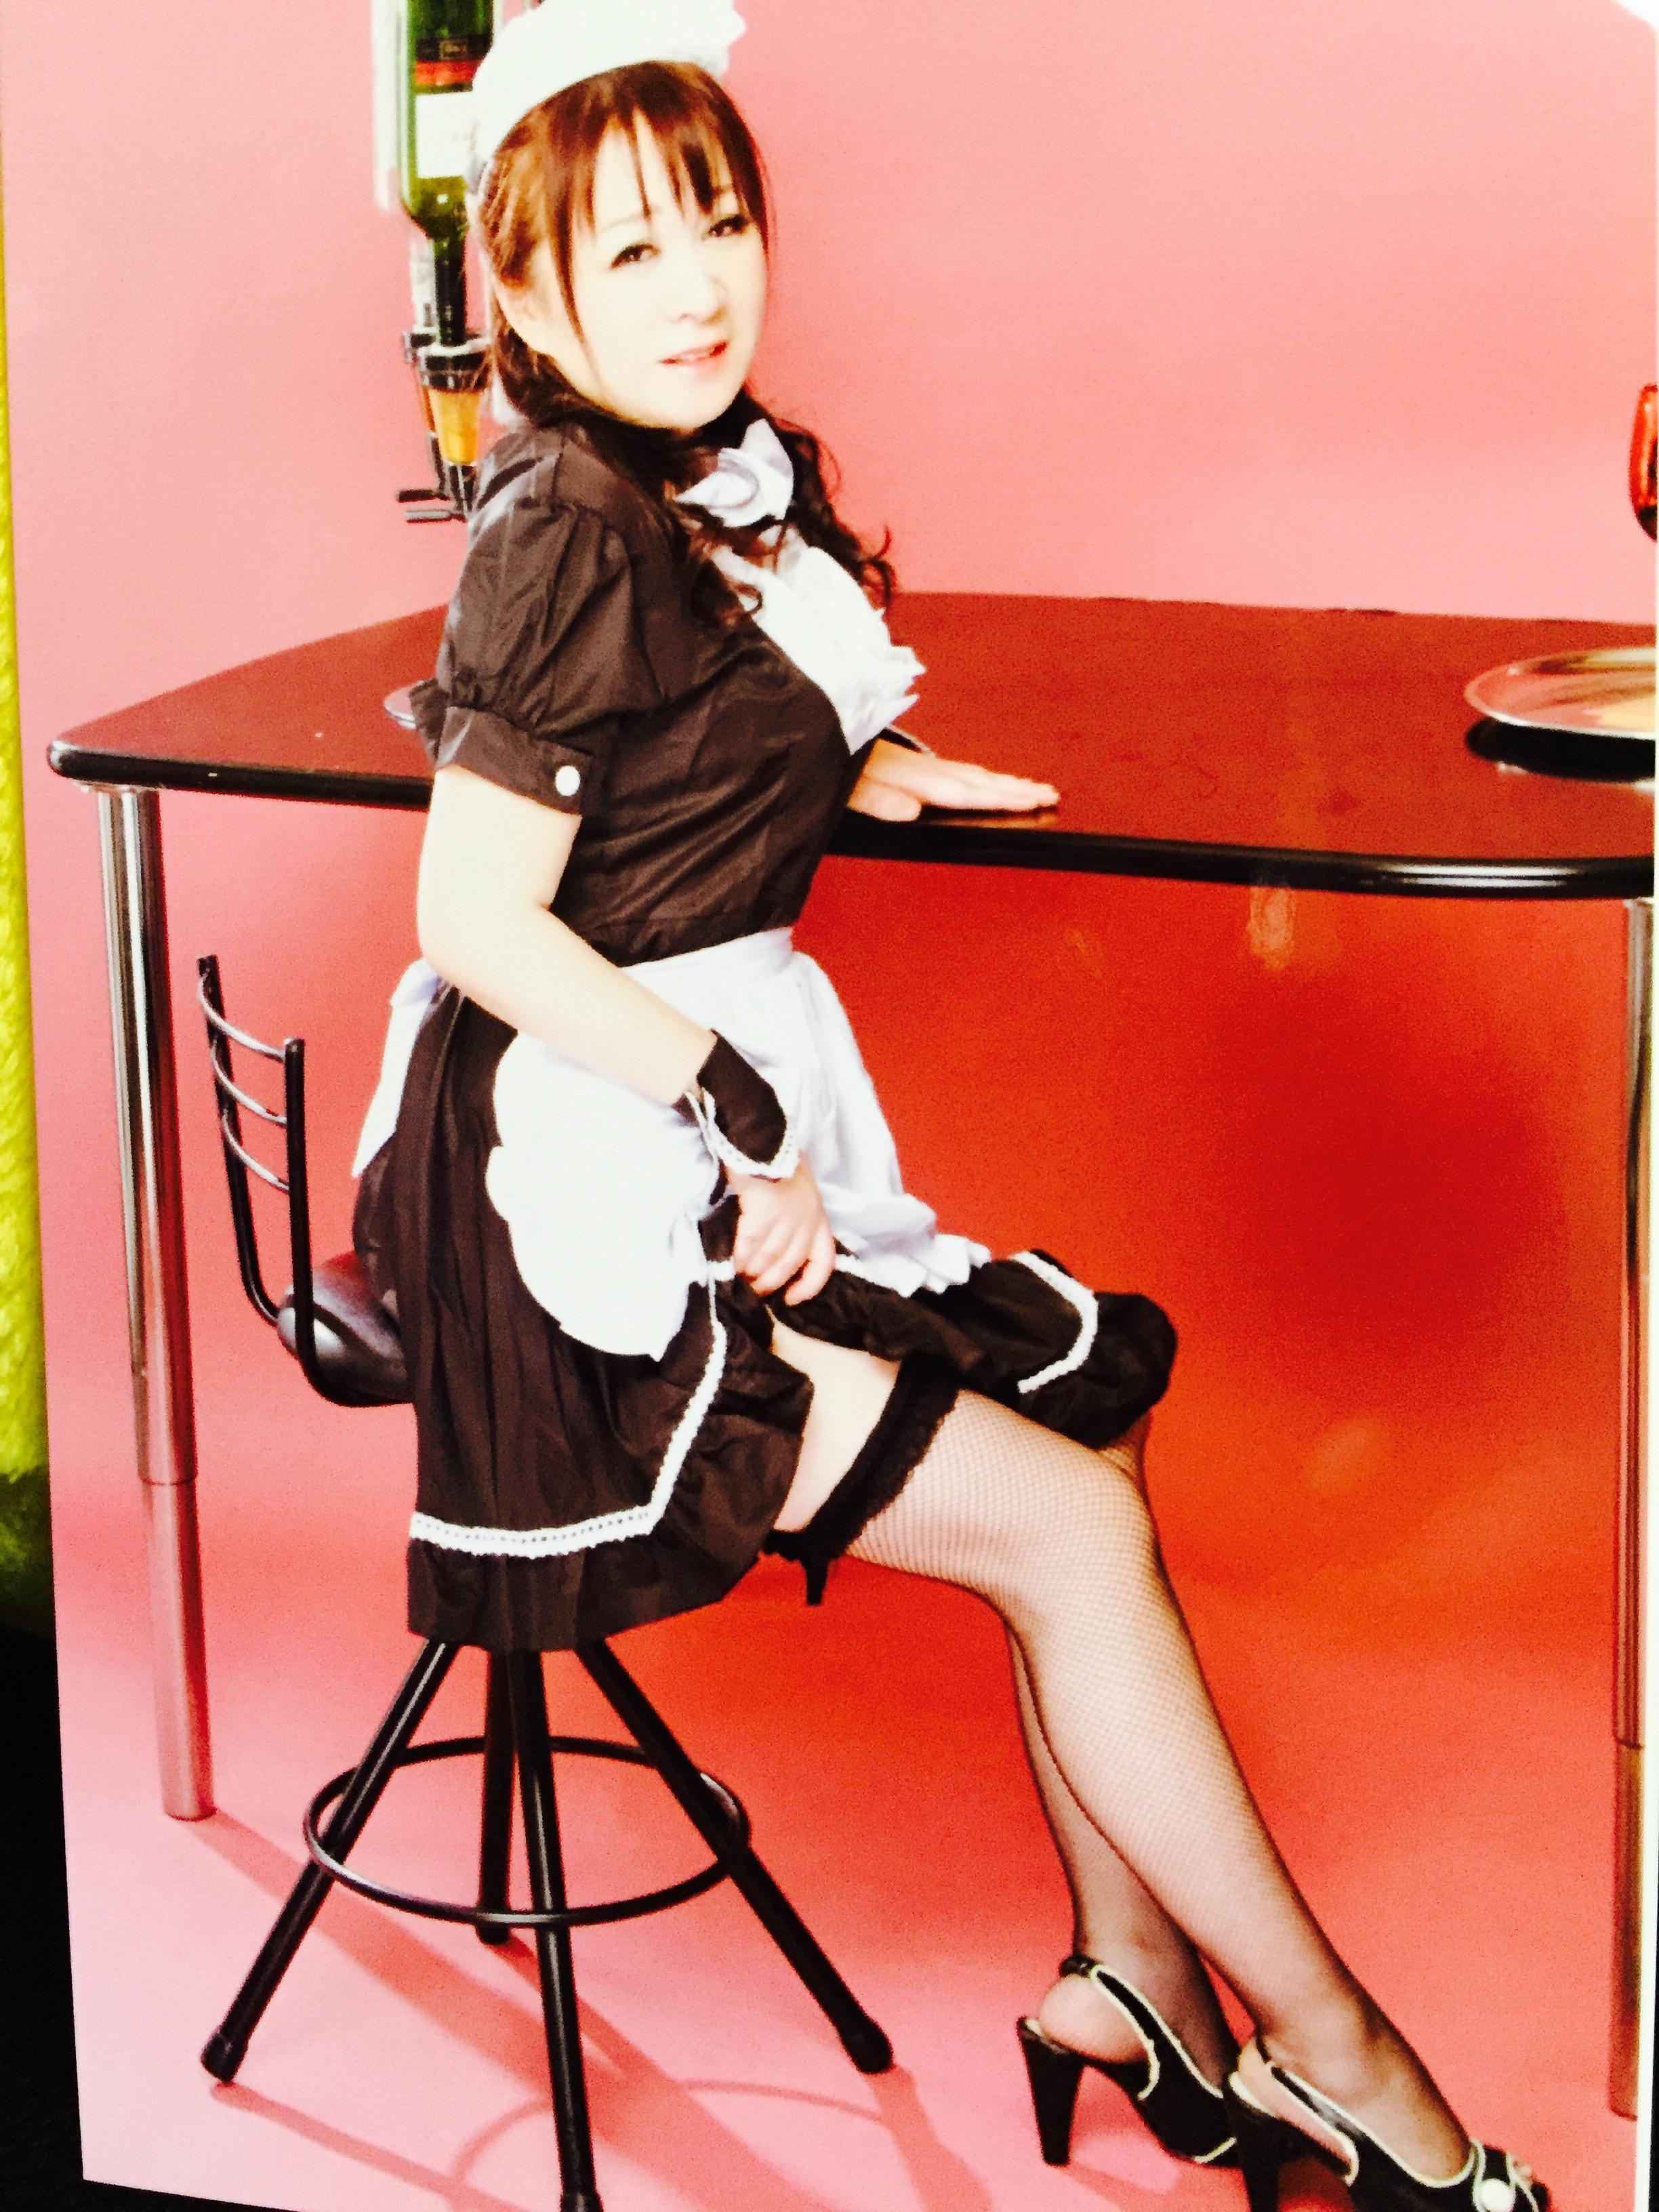 「こんばんは」01/19(01/19) 22:13 | れなの写メ・風俗動画